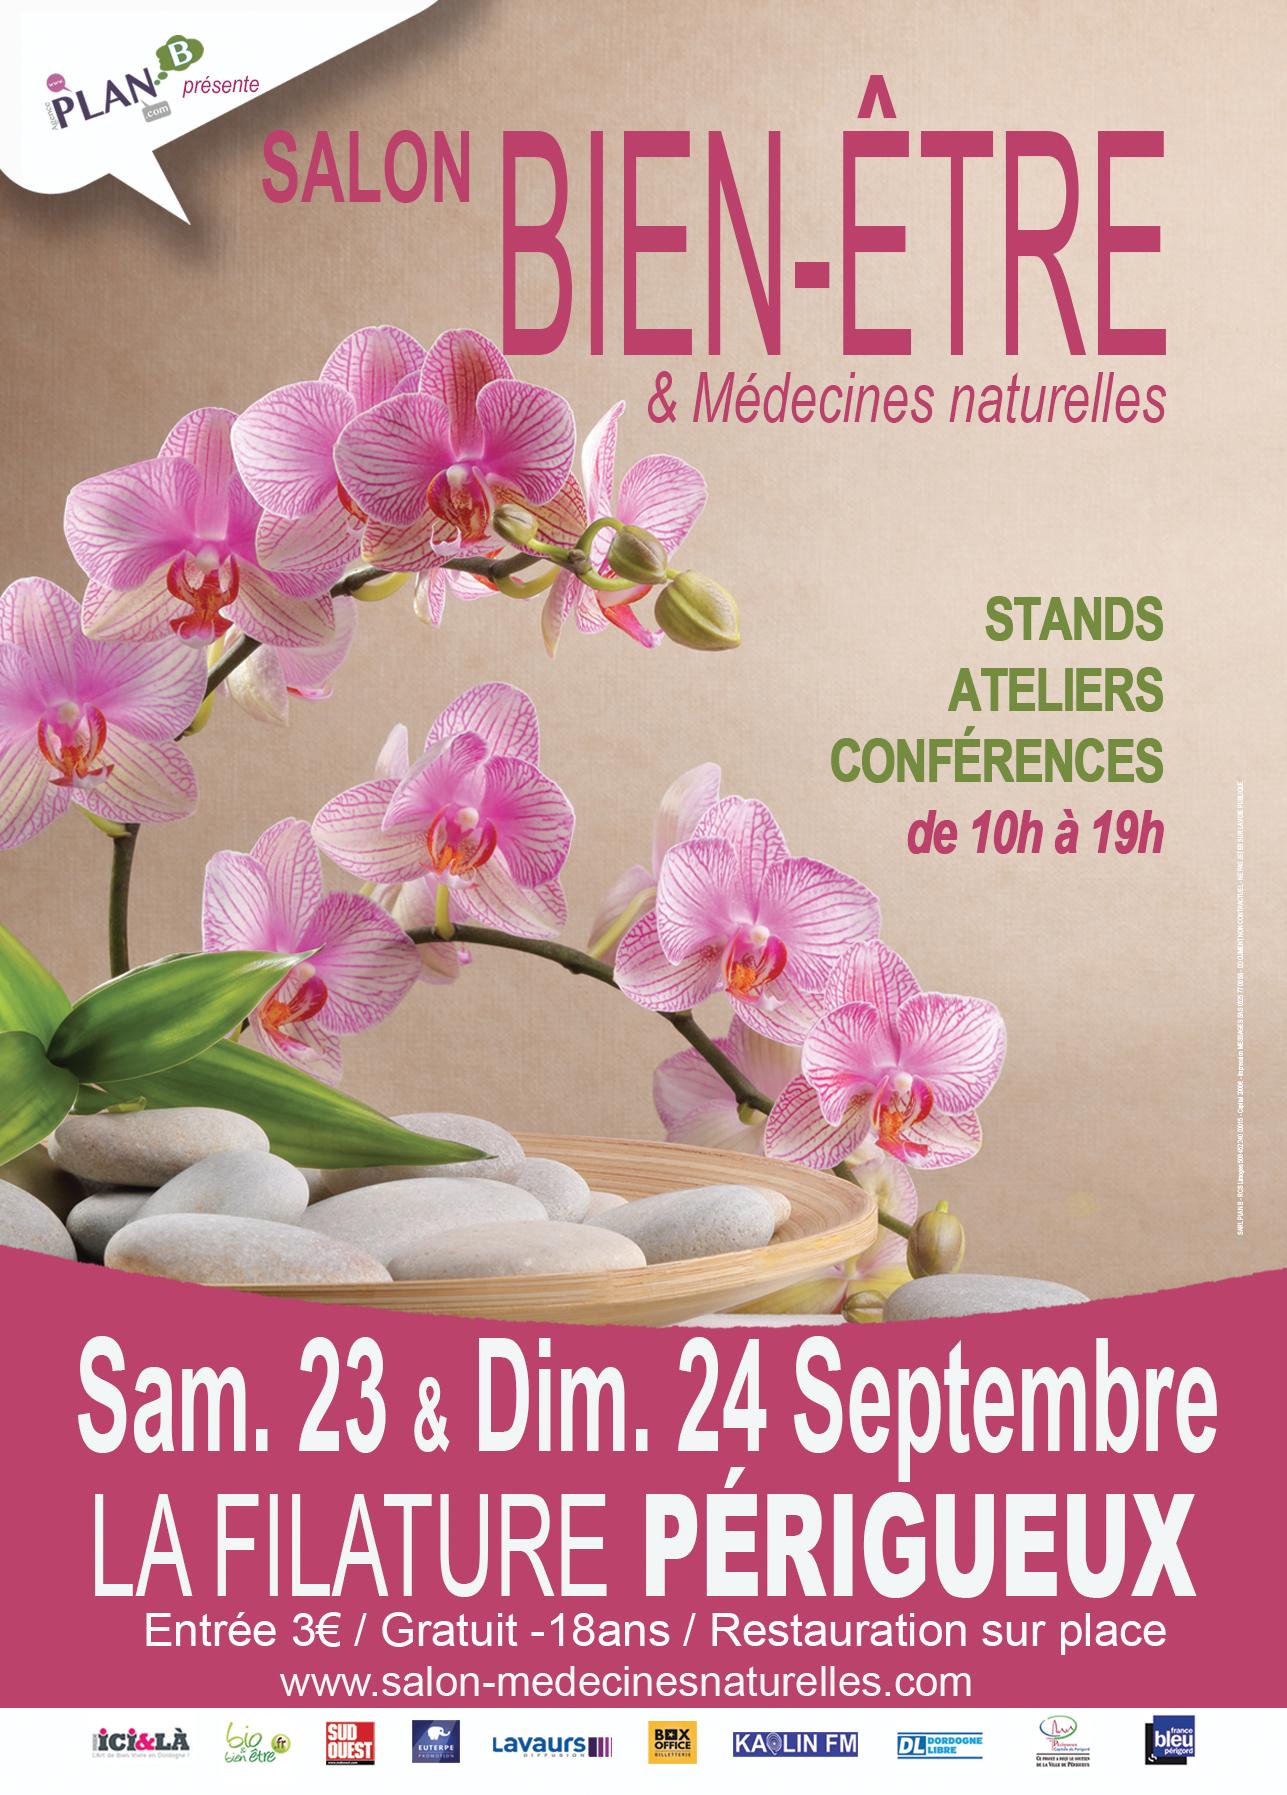 Salon du bien tre de p rigueux 23 et 24 septembre 2017 for Salon du bien etre perigueux